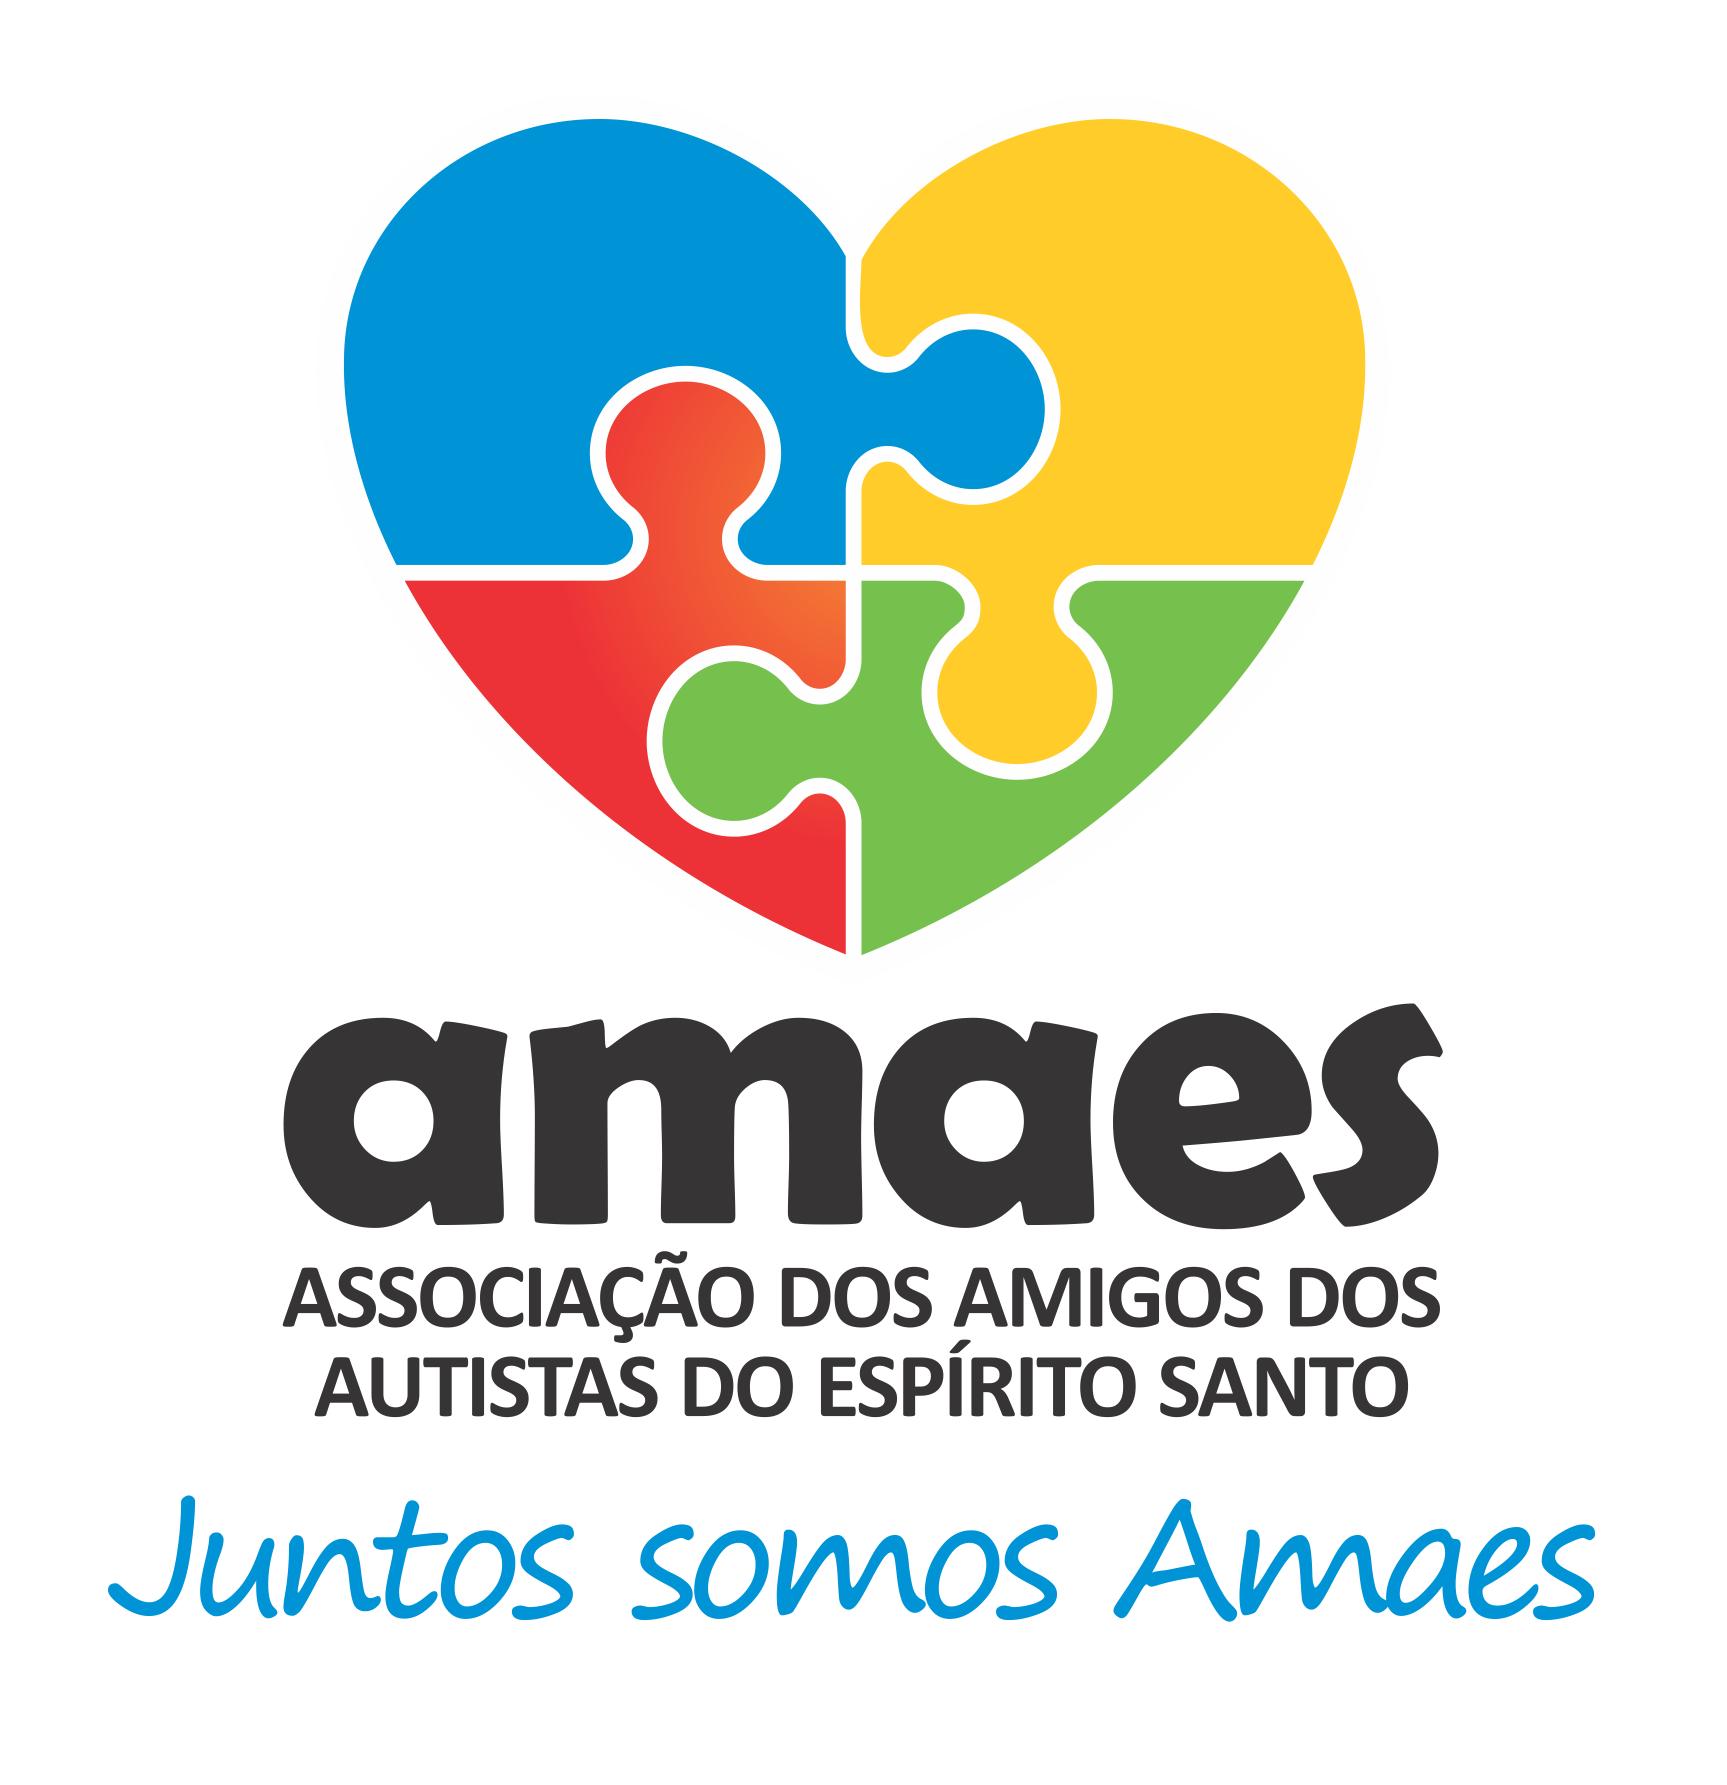 AMAES